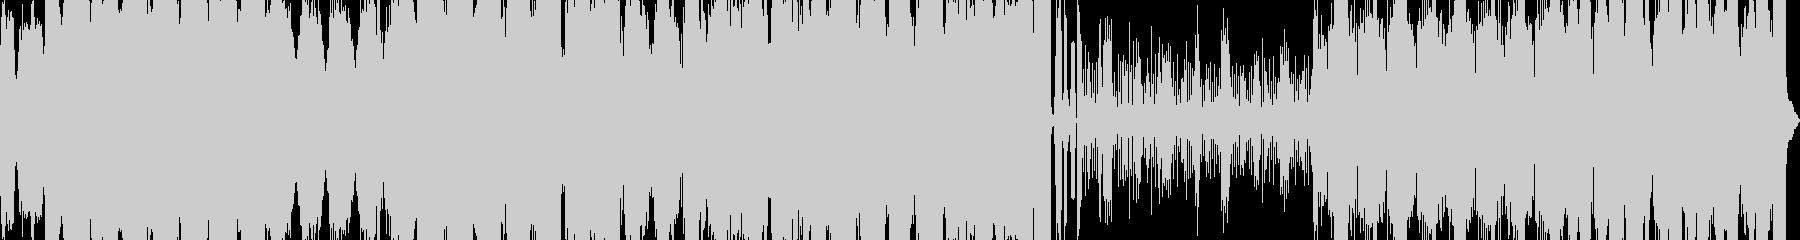 ガバキックを多用した曲です。戦闘BGM…の未再生の波形